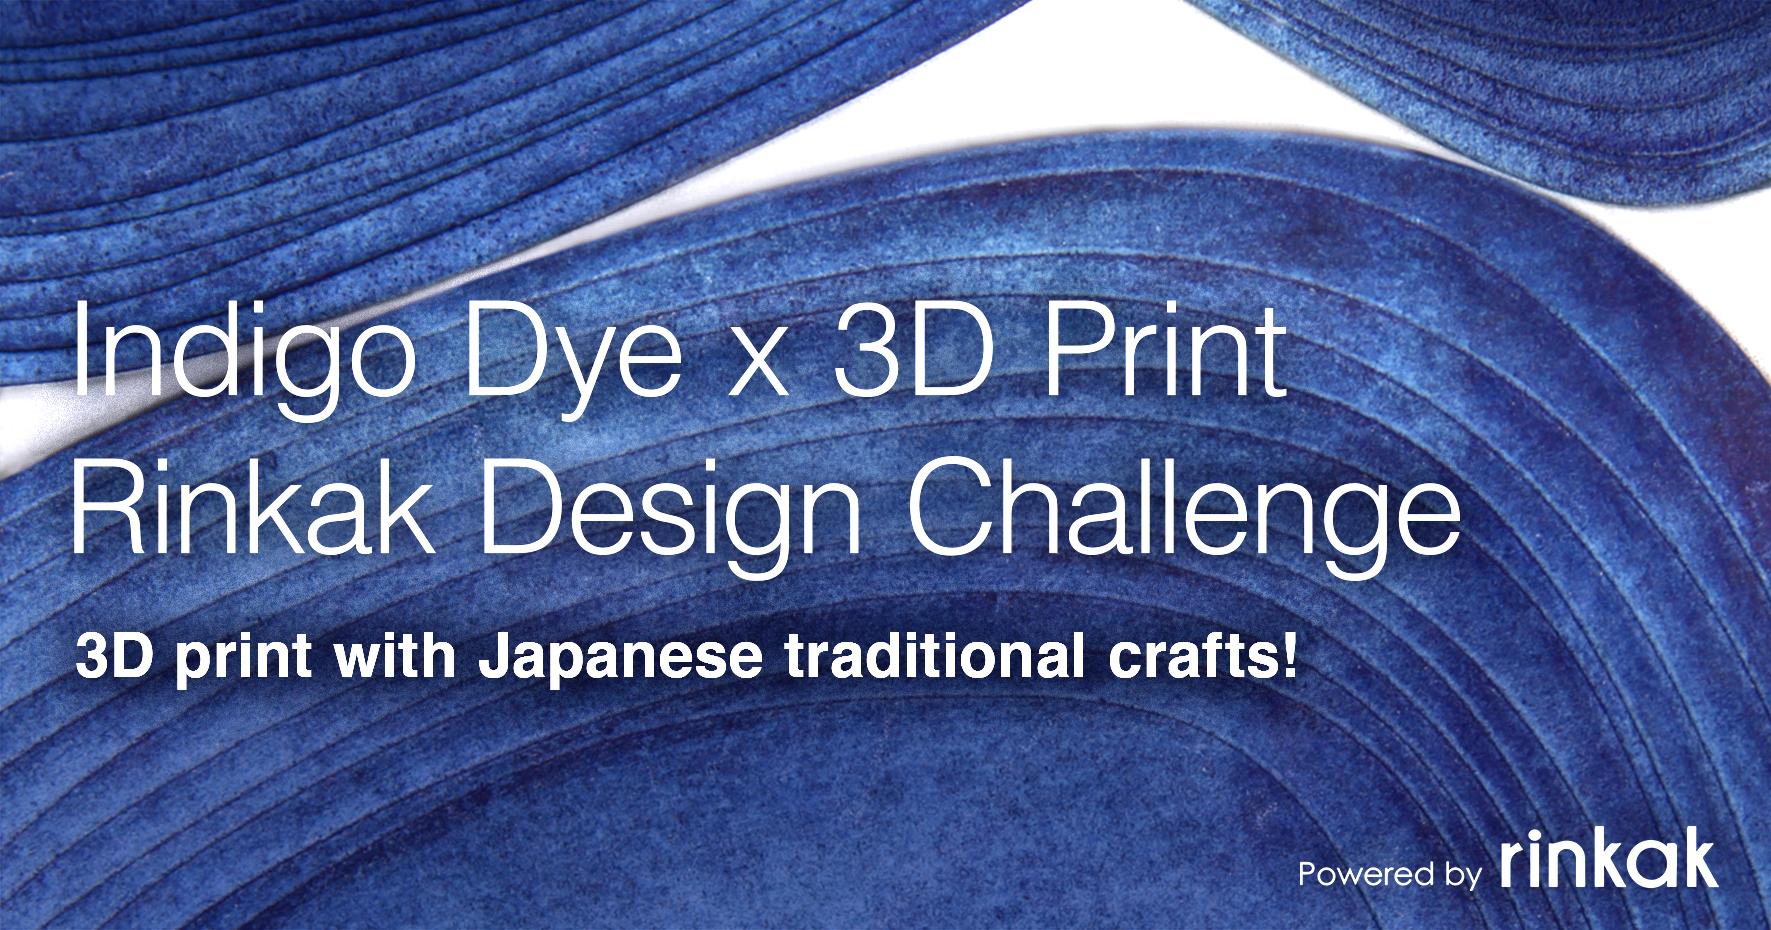 Indigo Dye x 3D Print Rinkak Design Challenge